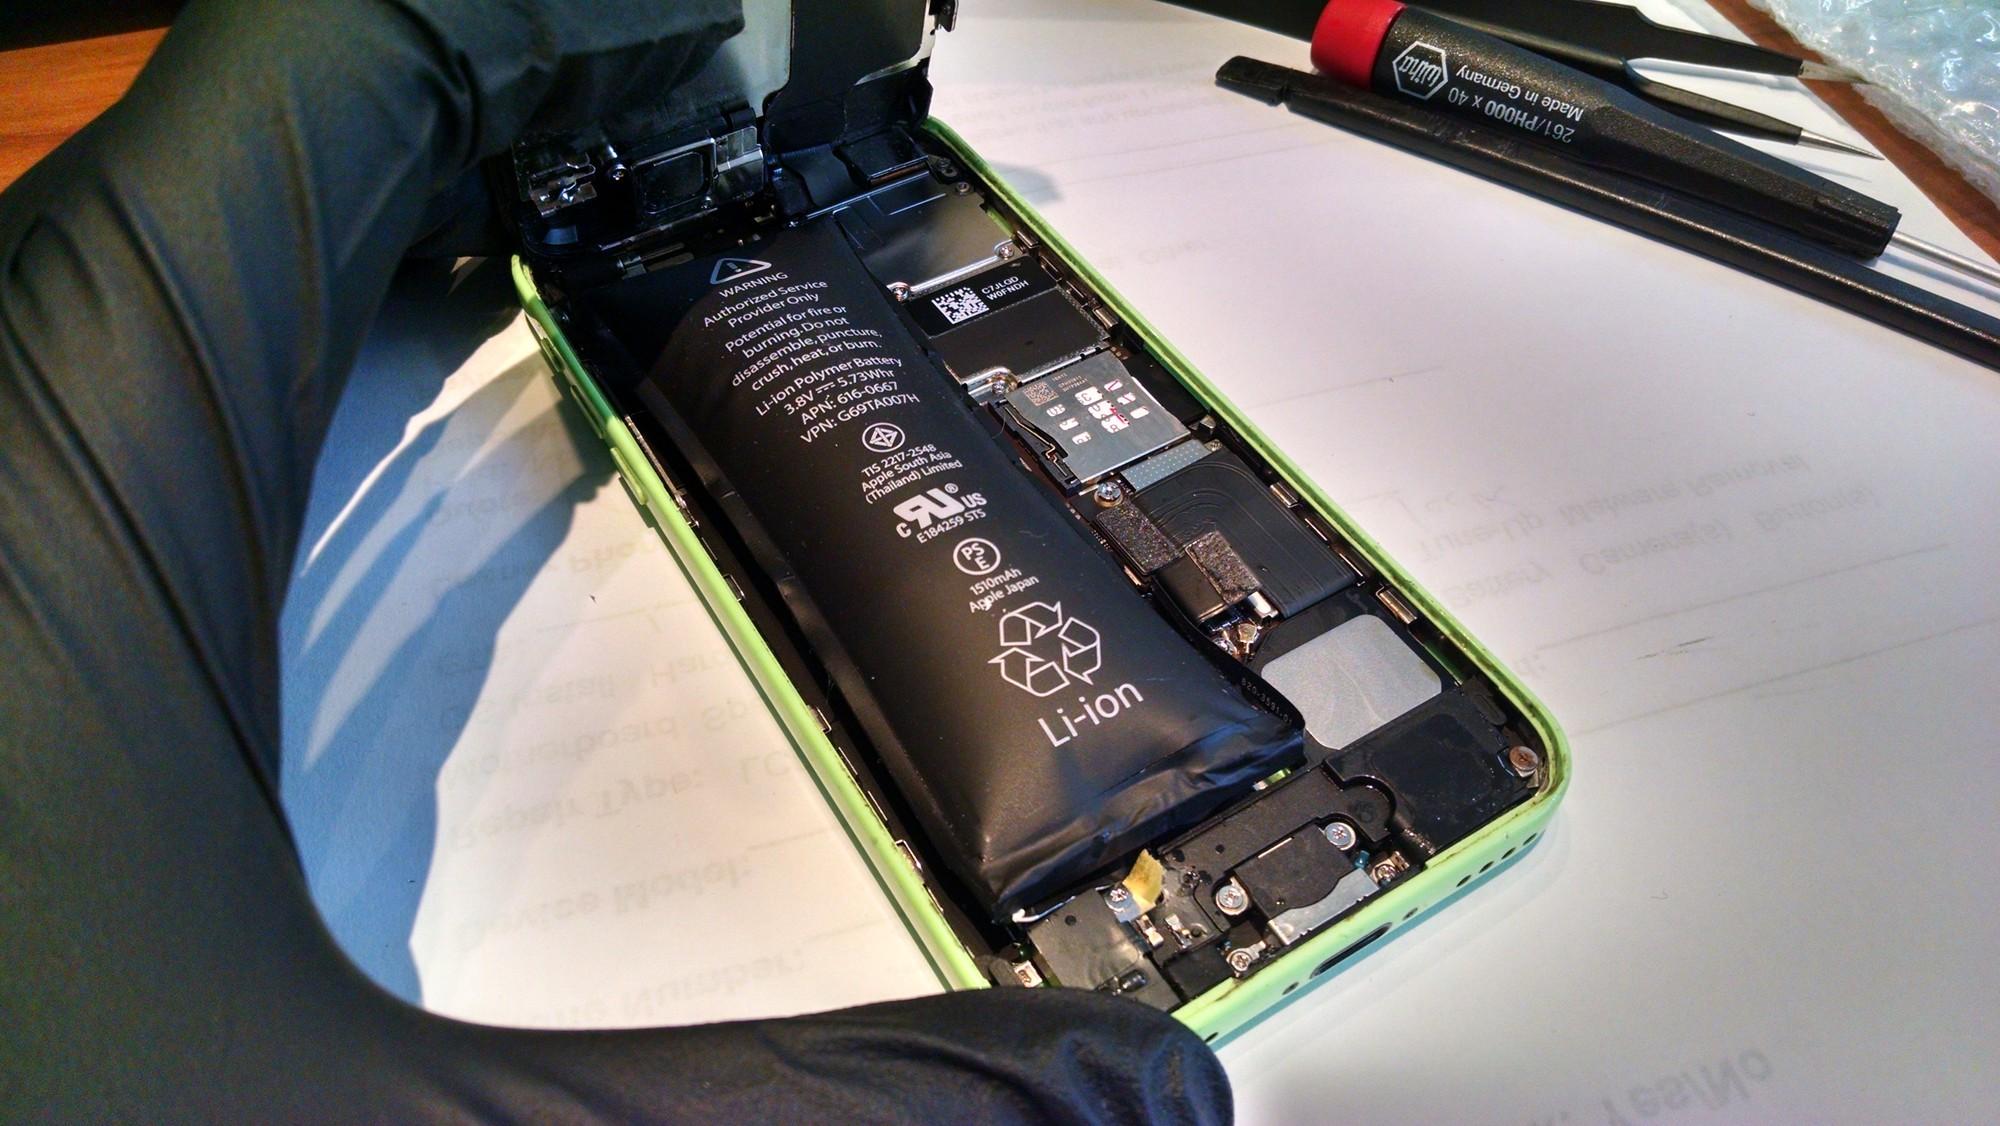 Kết cục đáng sợ không nói nên lời của việc vứt xó iPhone cũ trong tủ từ lâu mà ít để ý - Ảnh 2.